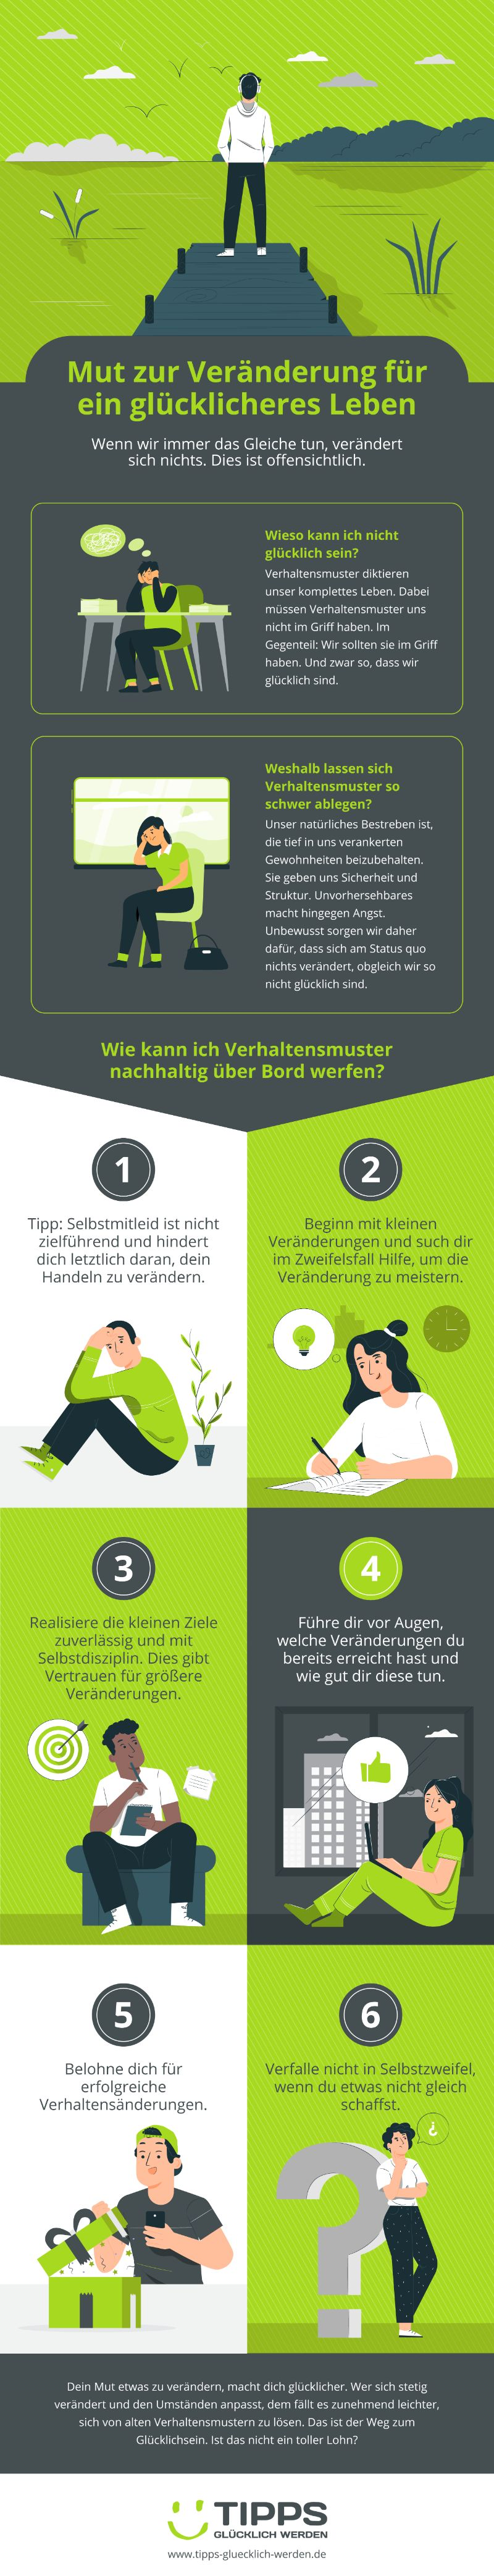 Infografik https://www.tipps-gluecklich-werden.de/posts/wer-gluecklich-sein-will-braucht-mut-zur-veraenderung